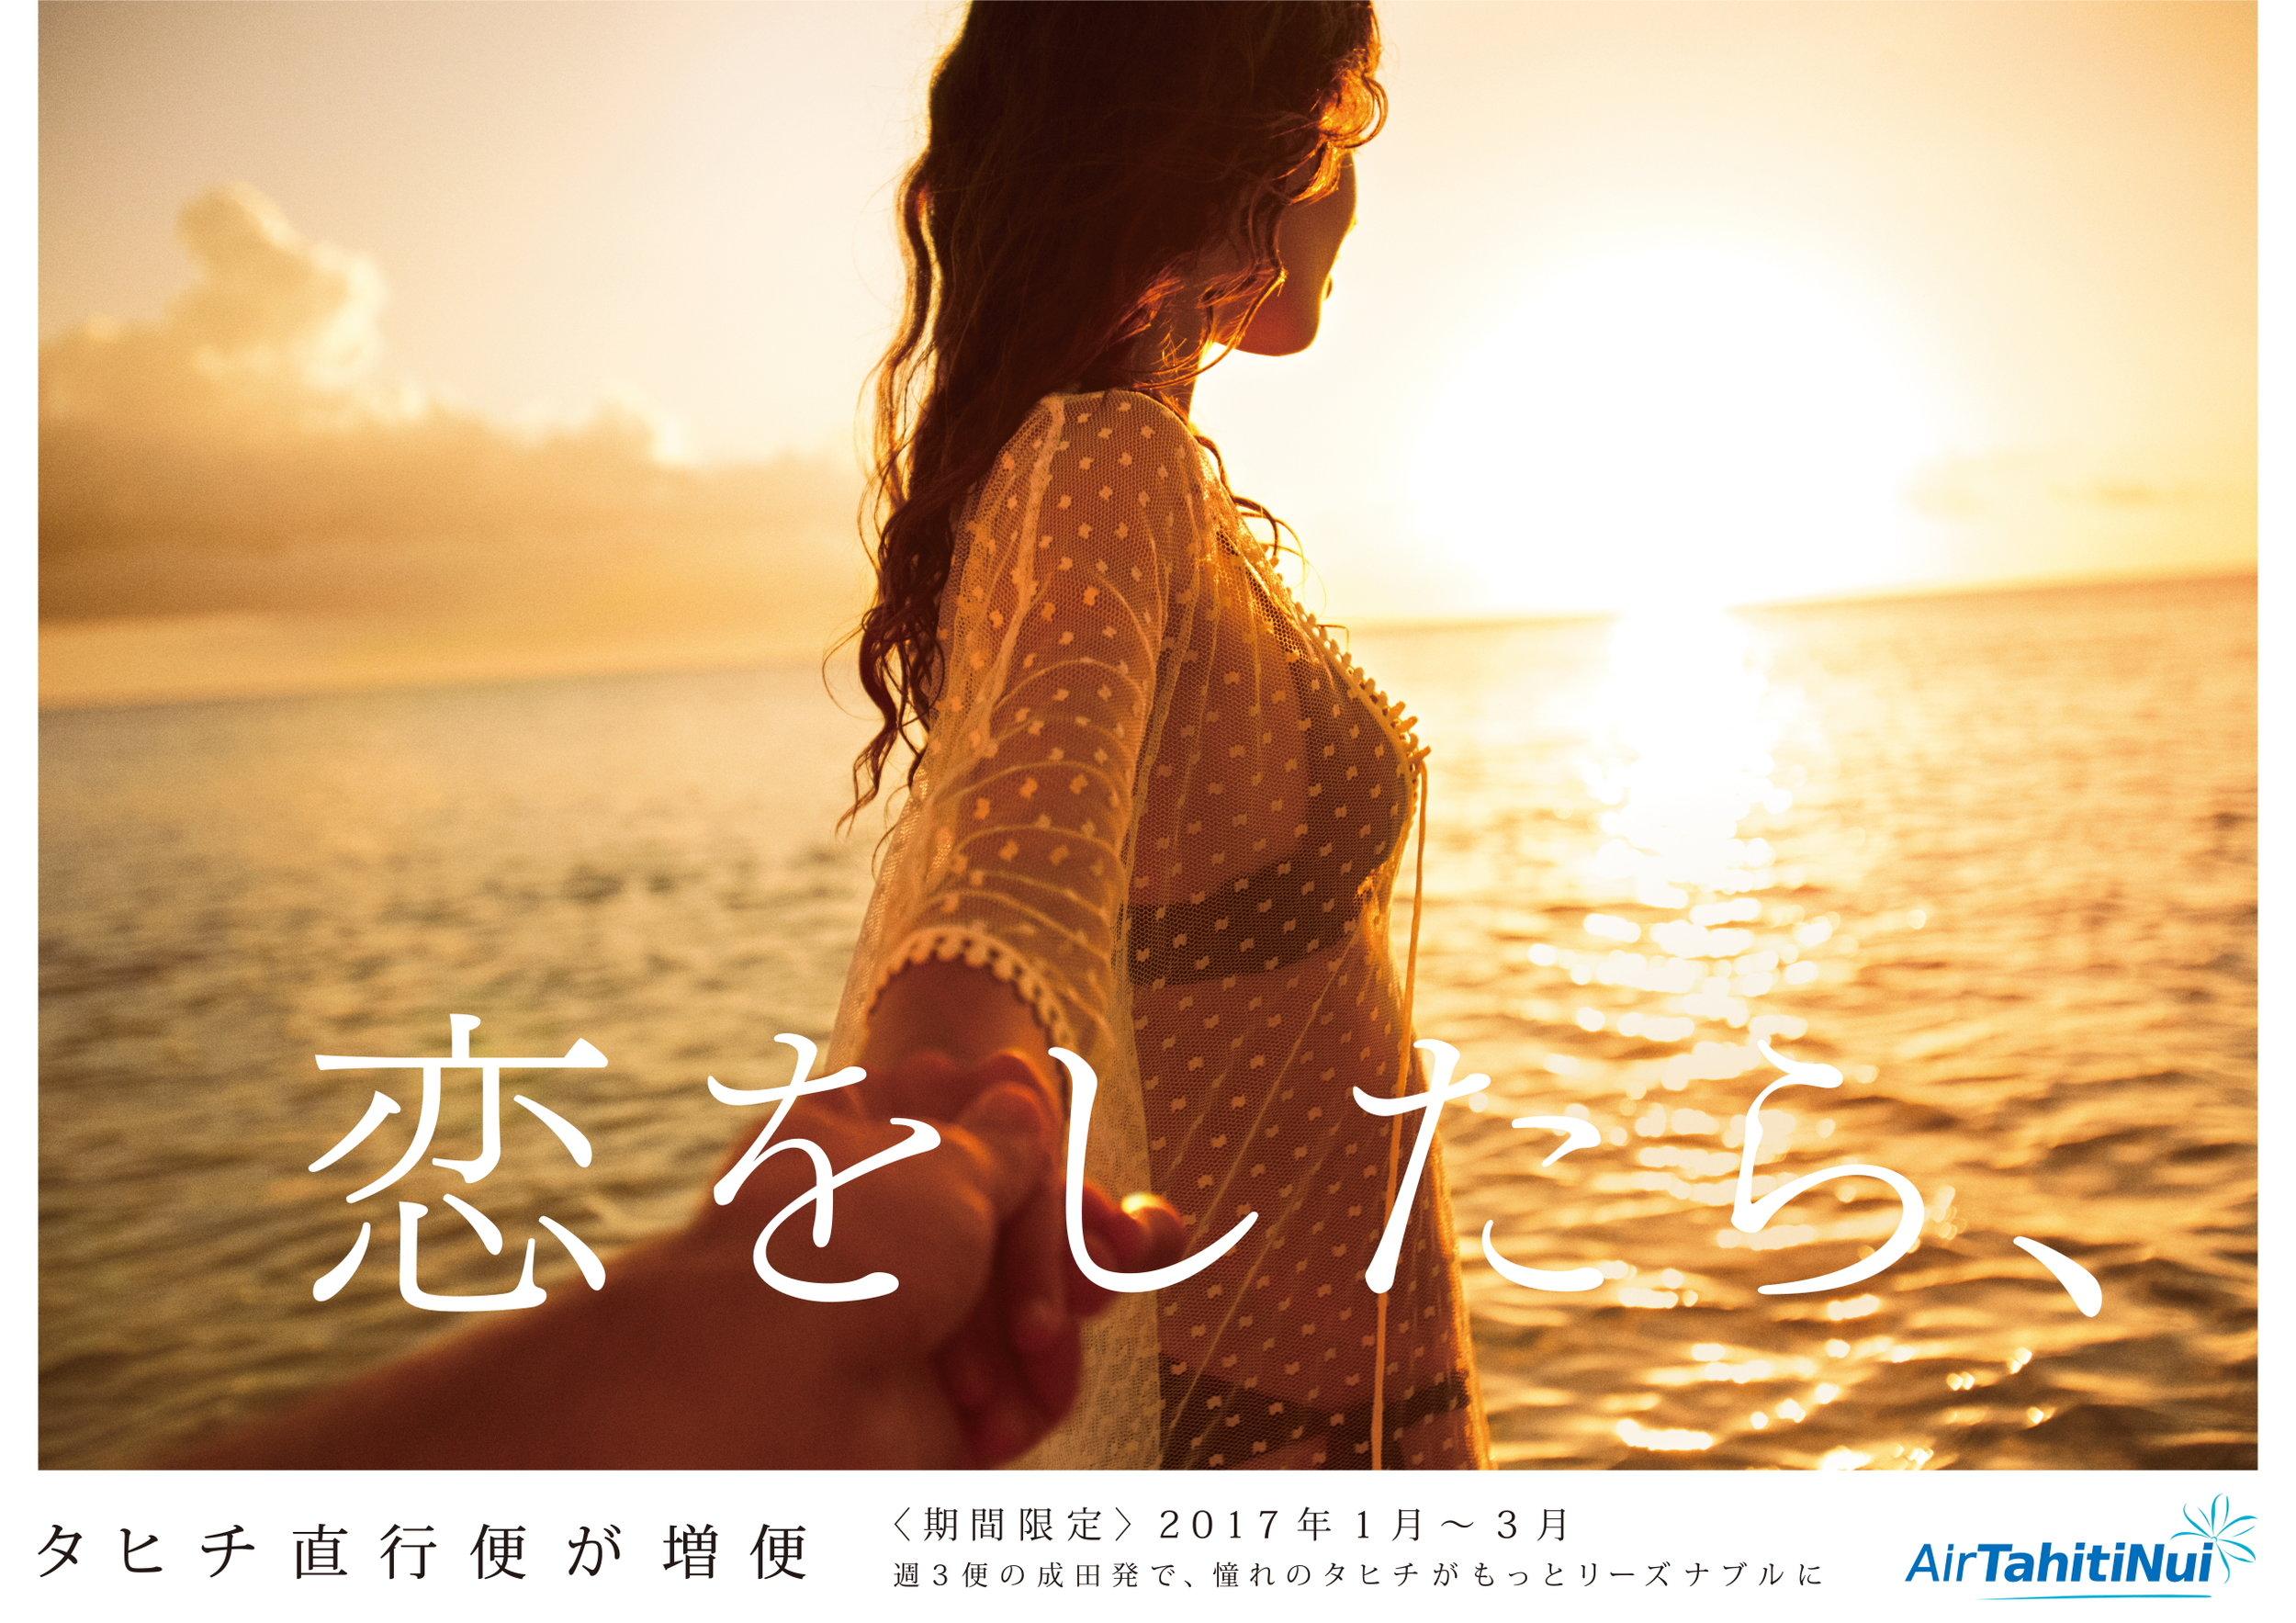 161007_tahiti_B3_02_fin_ol.JPG